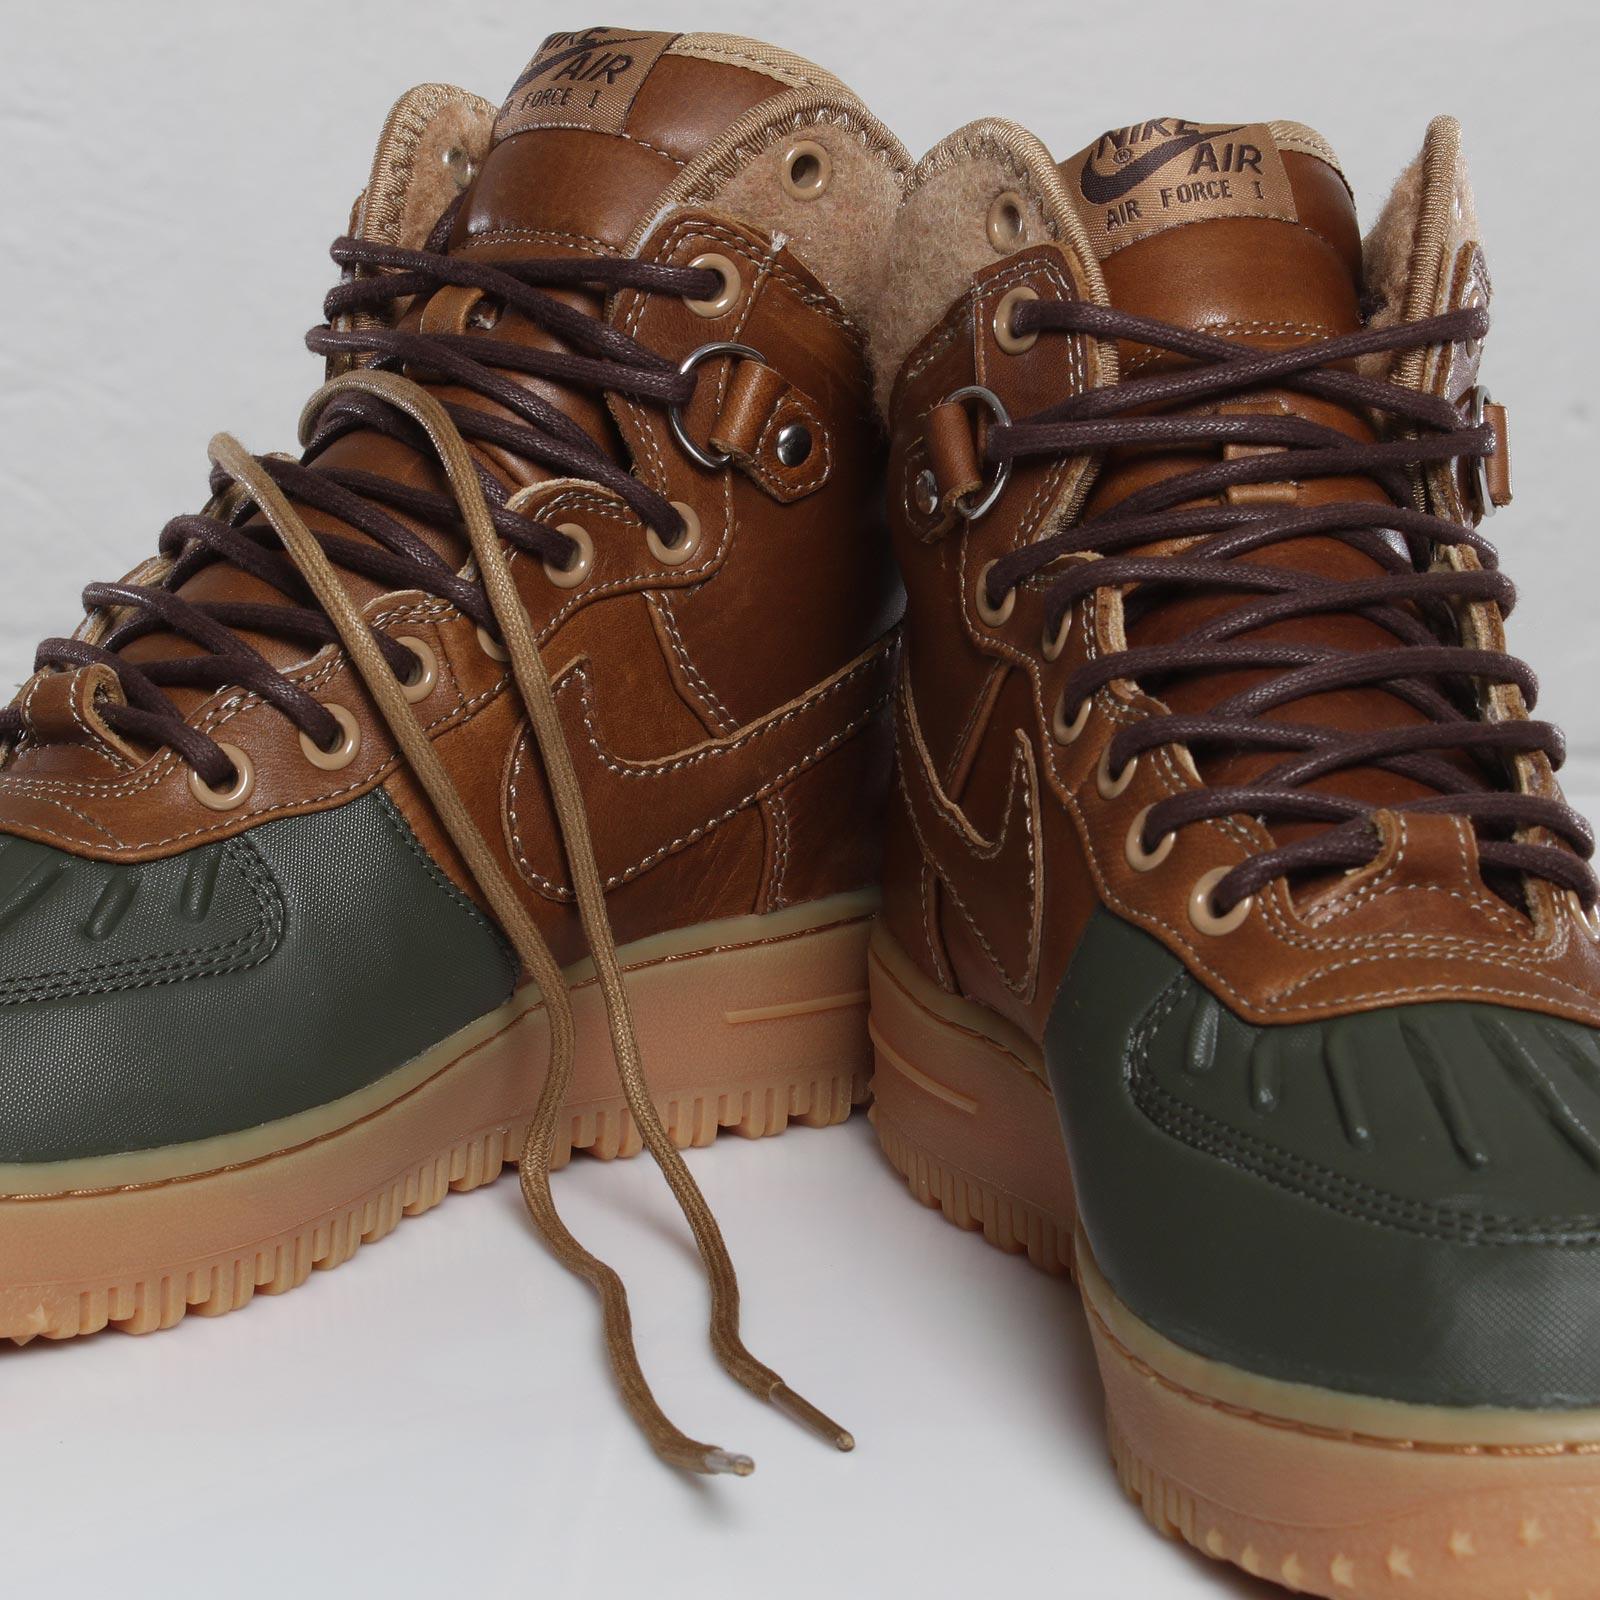 promo code d544d 6e33b Nike Air Force 1 Duckboot - 102634 - Sneakersnstuff   sneakers   streetwear  online since 1999